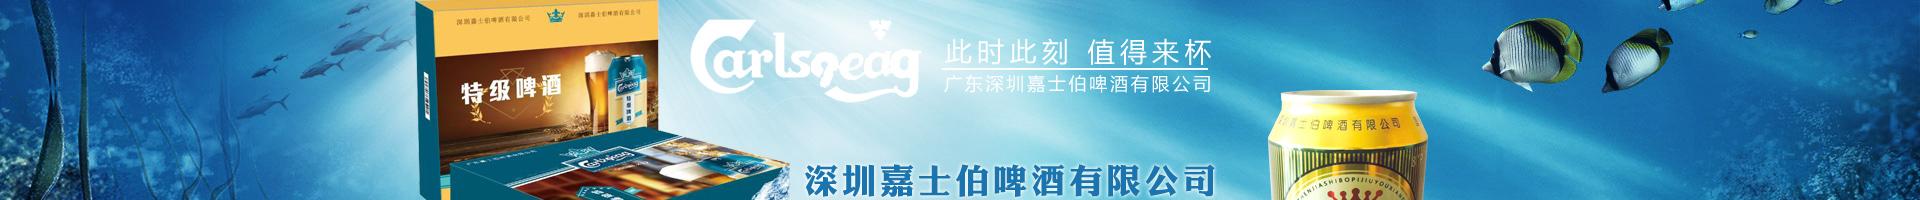 广东深圳嘉士伯啤酒有限公司